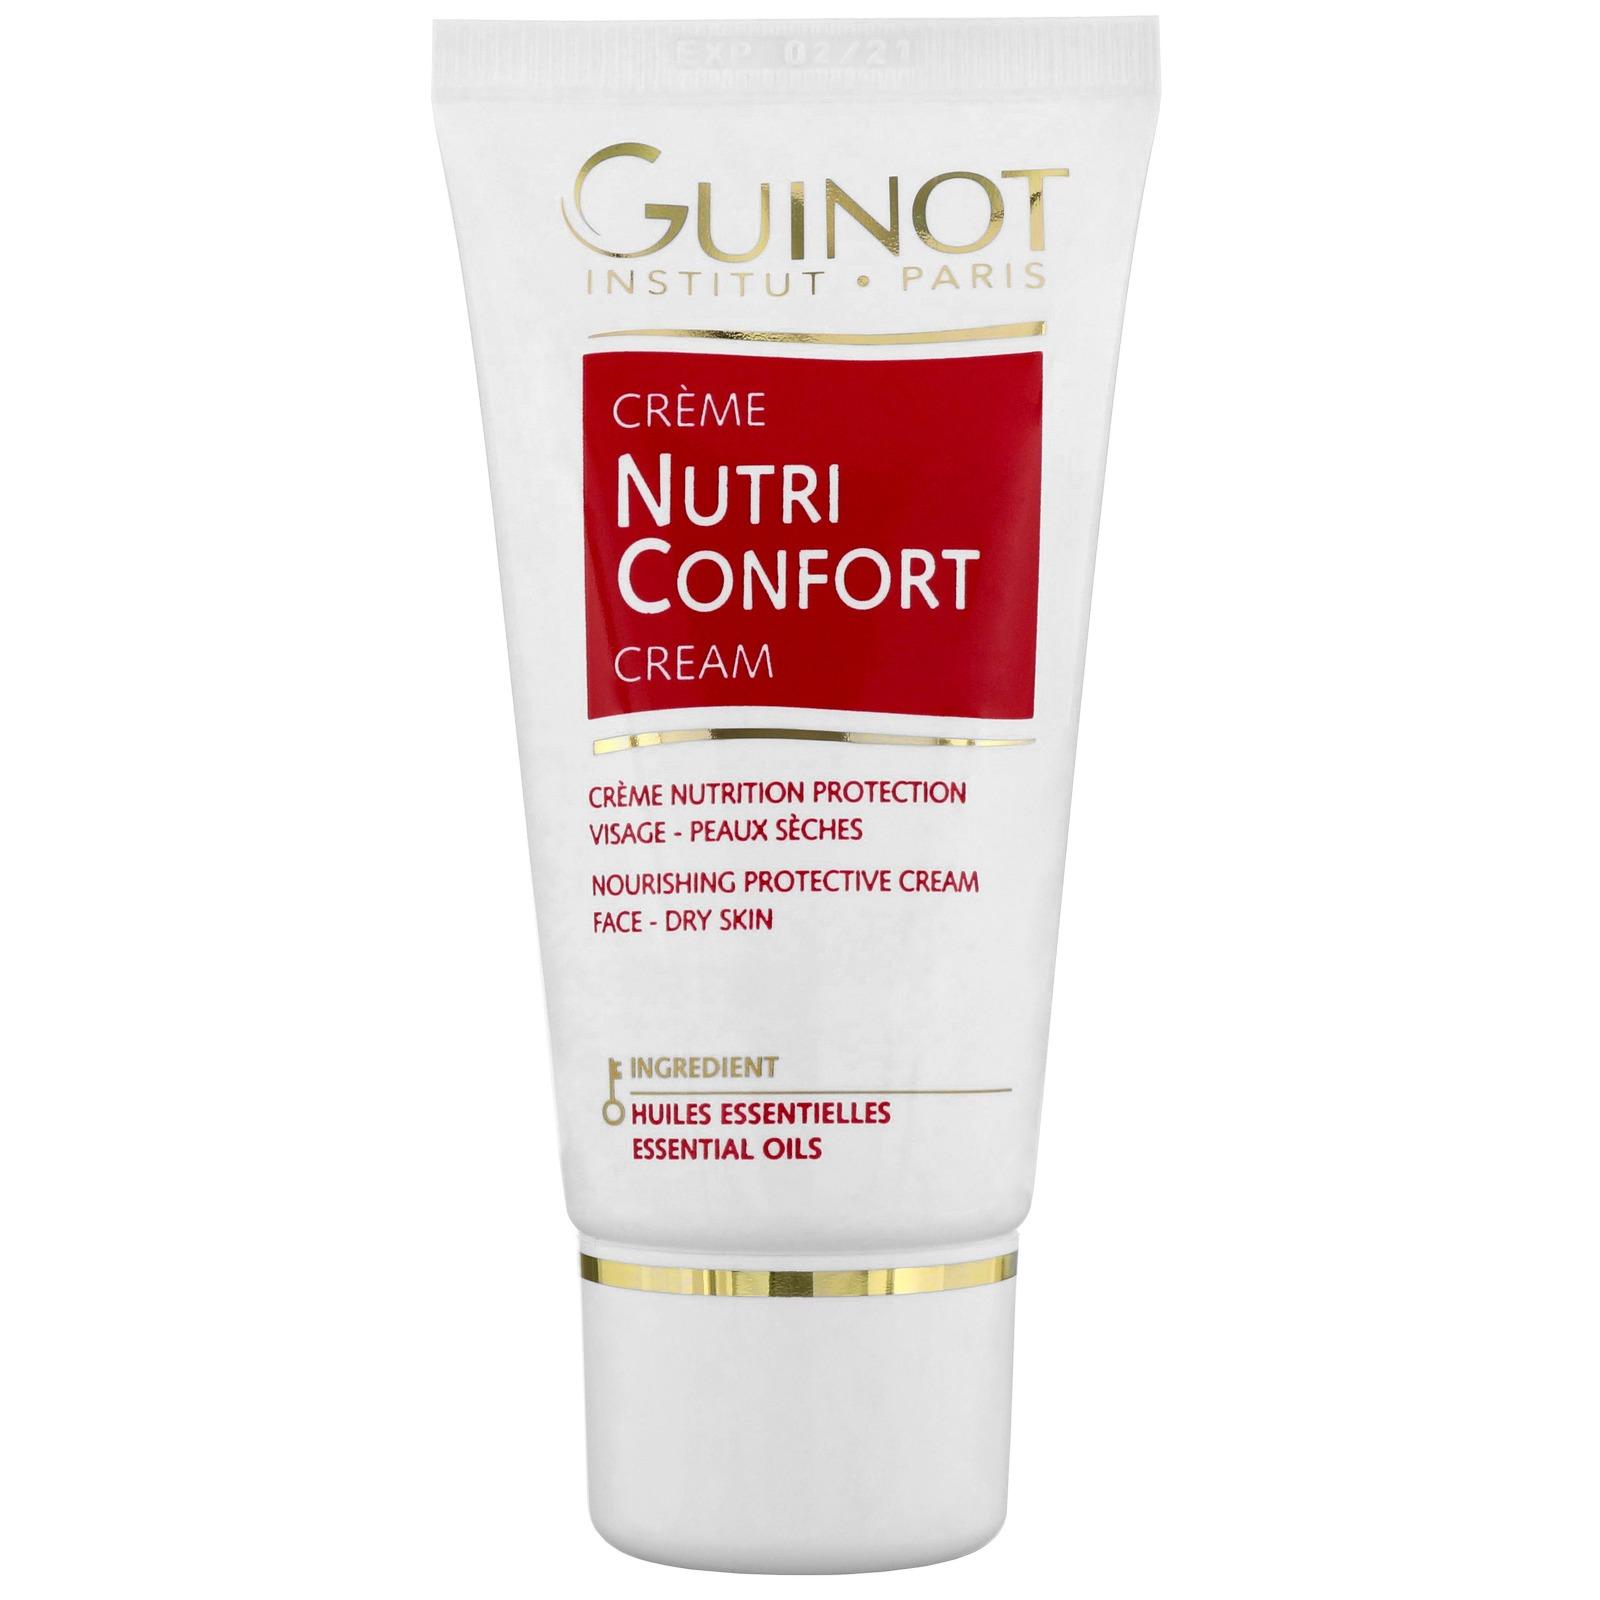 Crème Nutri Confort Cream 1